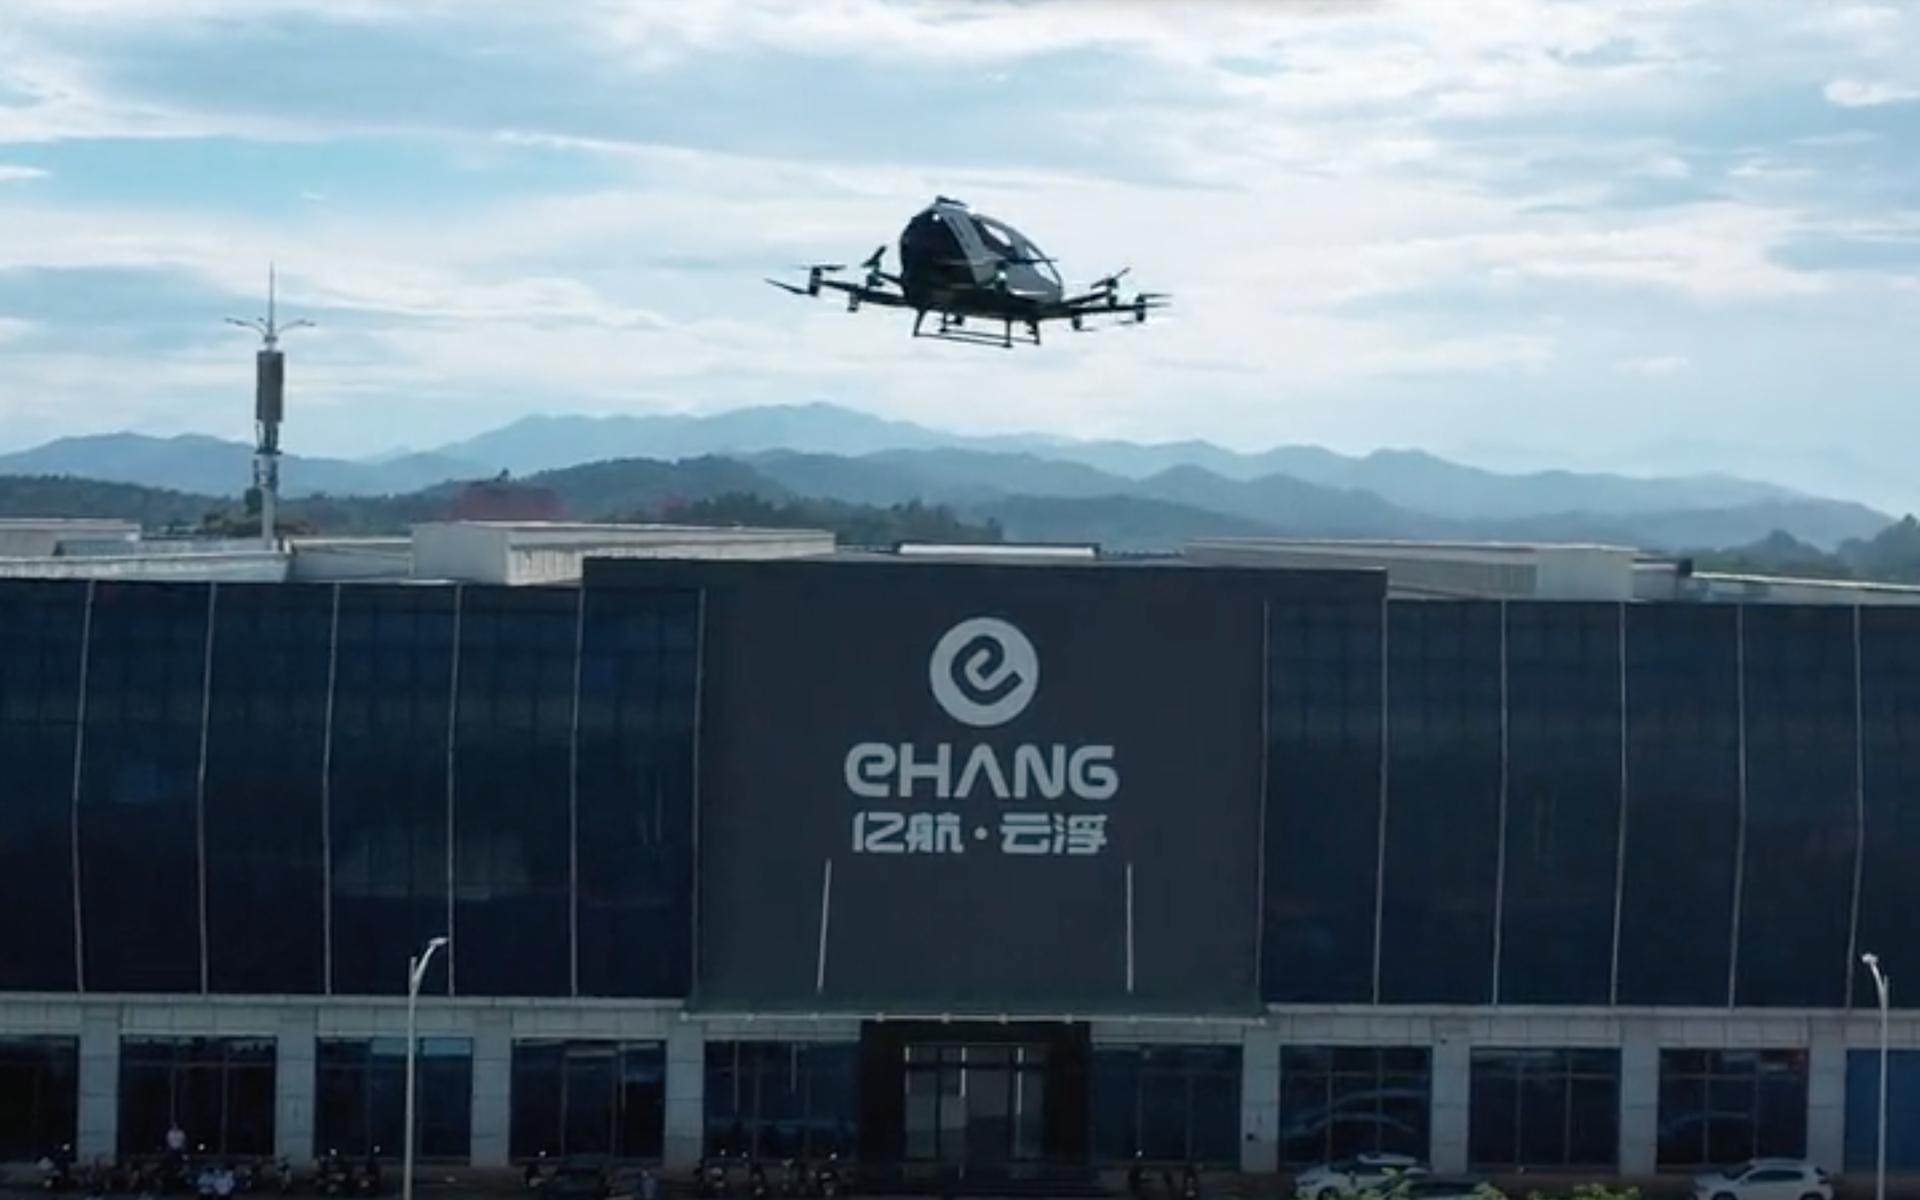 億航宣佈廣東雲浮新生產基地投產 從生產加工至整機組裝及飛行測試